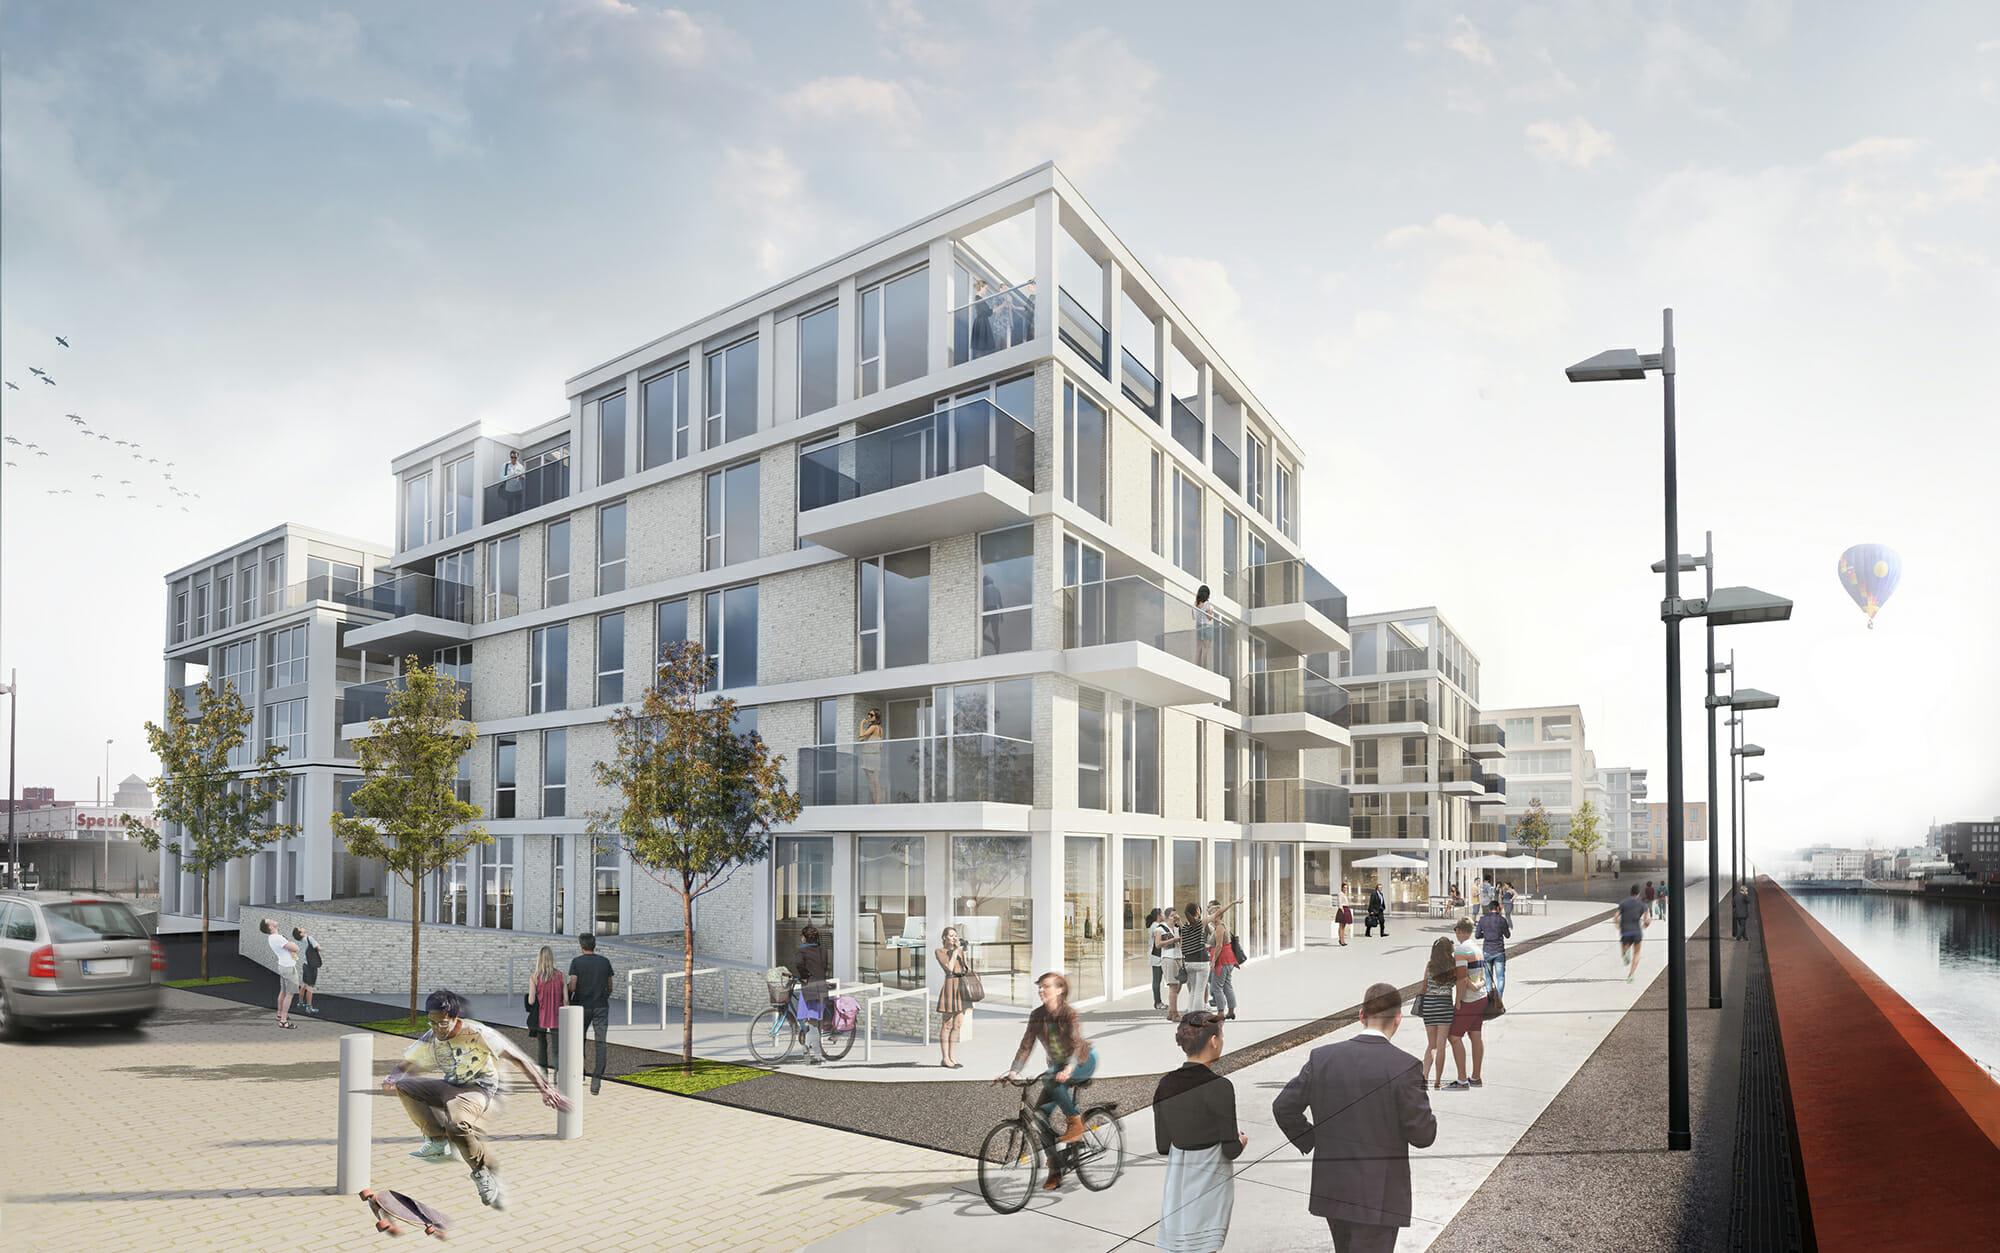 Wbw view port i berseekontor gmd architekten bremen - Architekten bremen ...